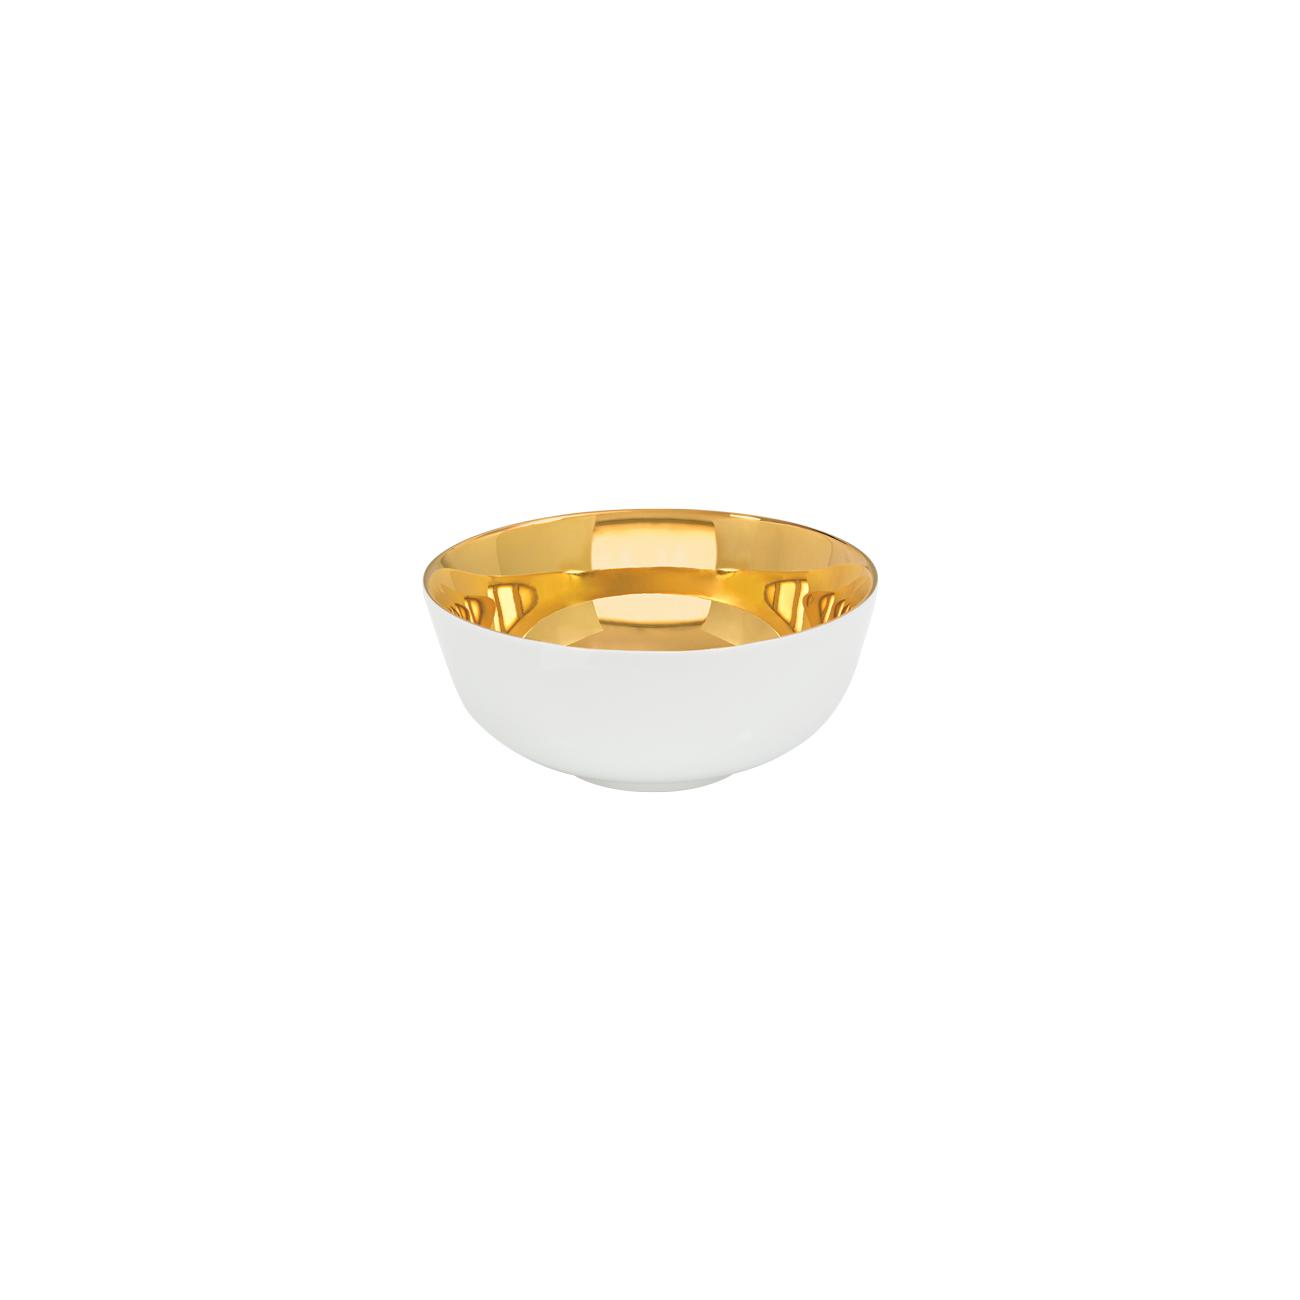 Full Gold | Bowl 14cm Corn 0